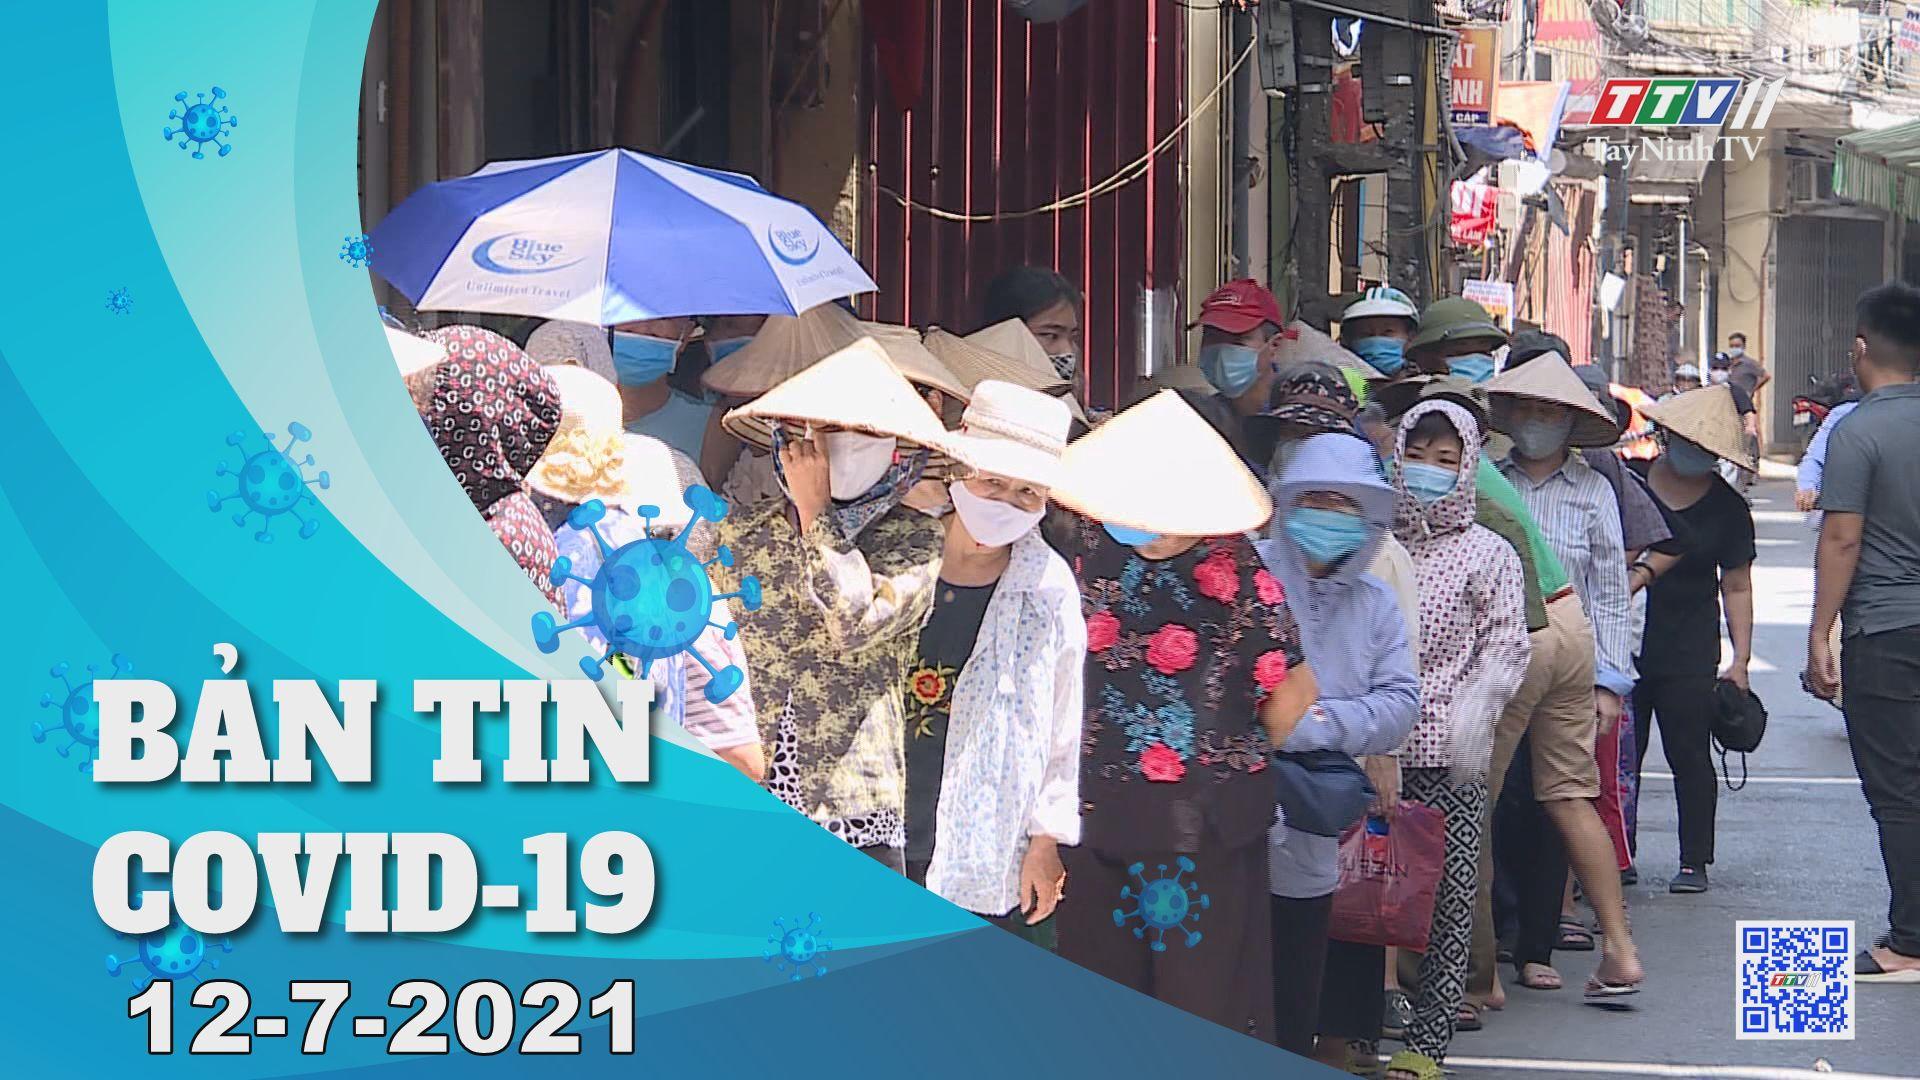 Bản tin Covid-19 | Tin tức hôm nay 12-7-2021 | TâyNinhTV